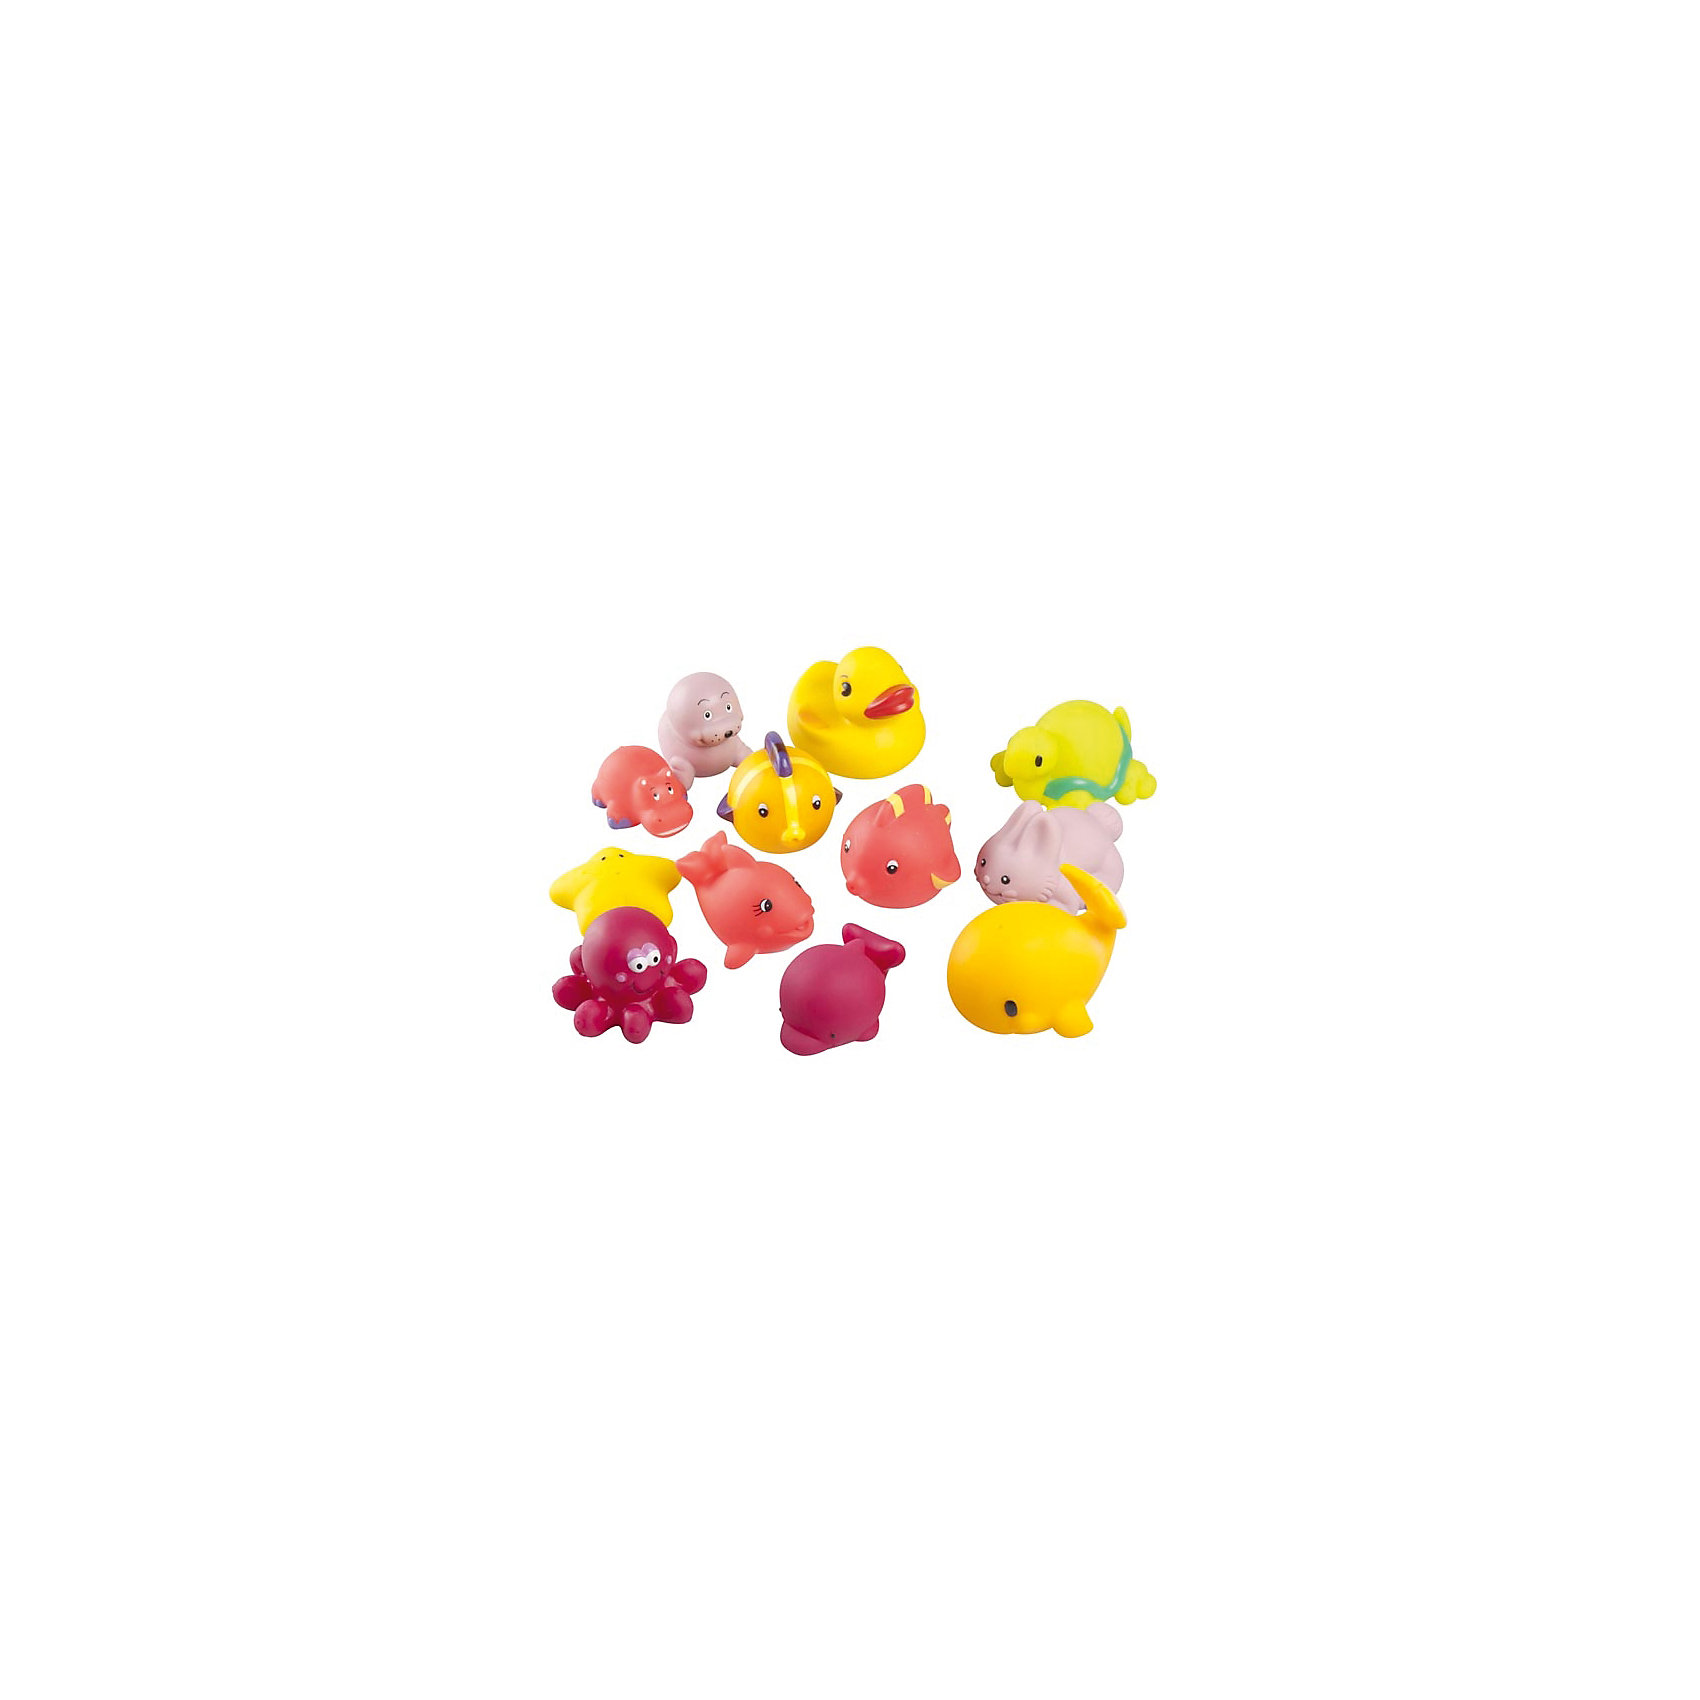 Игрушка для ванны А104921, 12 шт, BabymoovИгрушка для ванны А104921, 12 шт, Babymoov (Бейбимув) – набор доставит малышу немало веселых минут во время купания!<br>Двенадцать забавных игрушек для ванной сделают купание Вашего малыша весёлым и увлекательным. Симпатичные игрушки имеют яркие цвета, брызгаются водой. Их легко хватать маленькими ручками. Изготовлены из безопасного для здоровья малыша материала. Легко моются. Игрушки для ванной способствует развитию воображения, цветового восприятия, тактильных ощущений и мелкой моторики рук.<br><br>Дополнительная информация:<br><br>- В комплекте: 12 игрушек<br>- Материал: ПВХ<br>- Упаковка: пластиковая водонепроницаемая сумочка<br>- Размер упаковки: 10 х 15 х 15 см.<br>- Вес: 300 гр.<br><br>Игрушку для ванны А104921, 12 шт, Babymoov (Бейбимув) можно купить в нашем интернет-магазине.<br><br>Ширина мм: 100<br>Глубина мм: 150<br>Высота мм: 150<br>Вес г: 300<br>Возраст от месяцев: 0<br>Возраст до месяцев: 36<br>Пол: Унисекс<br>Возраст: Детский<br>SKU: 4369990